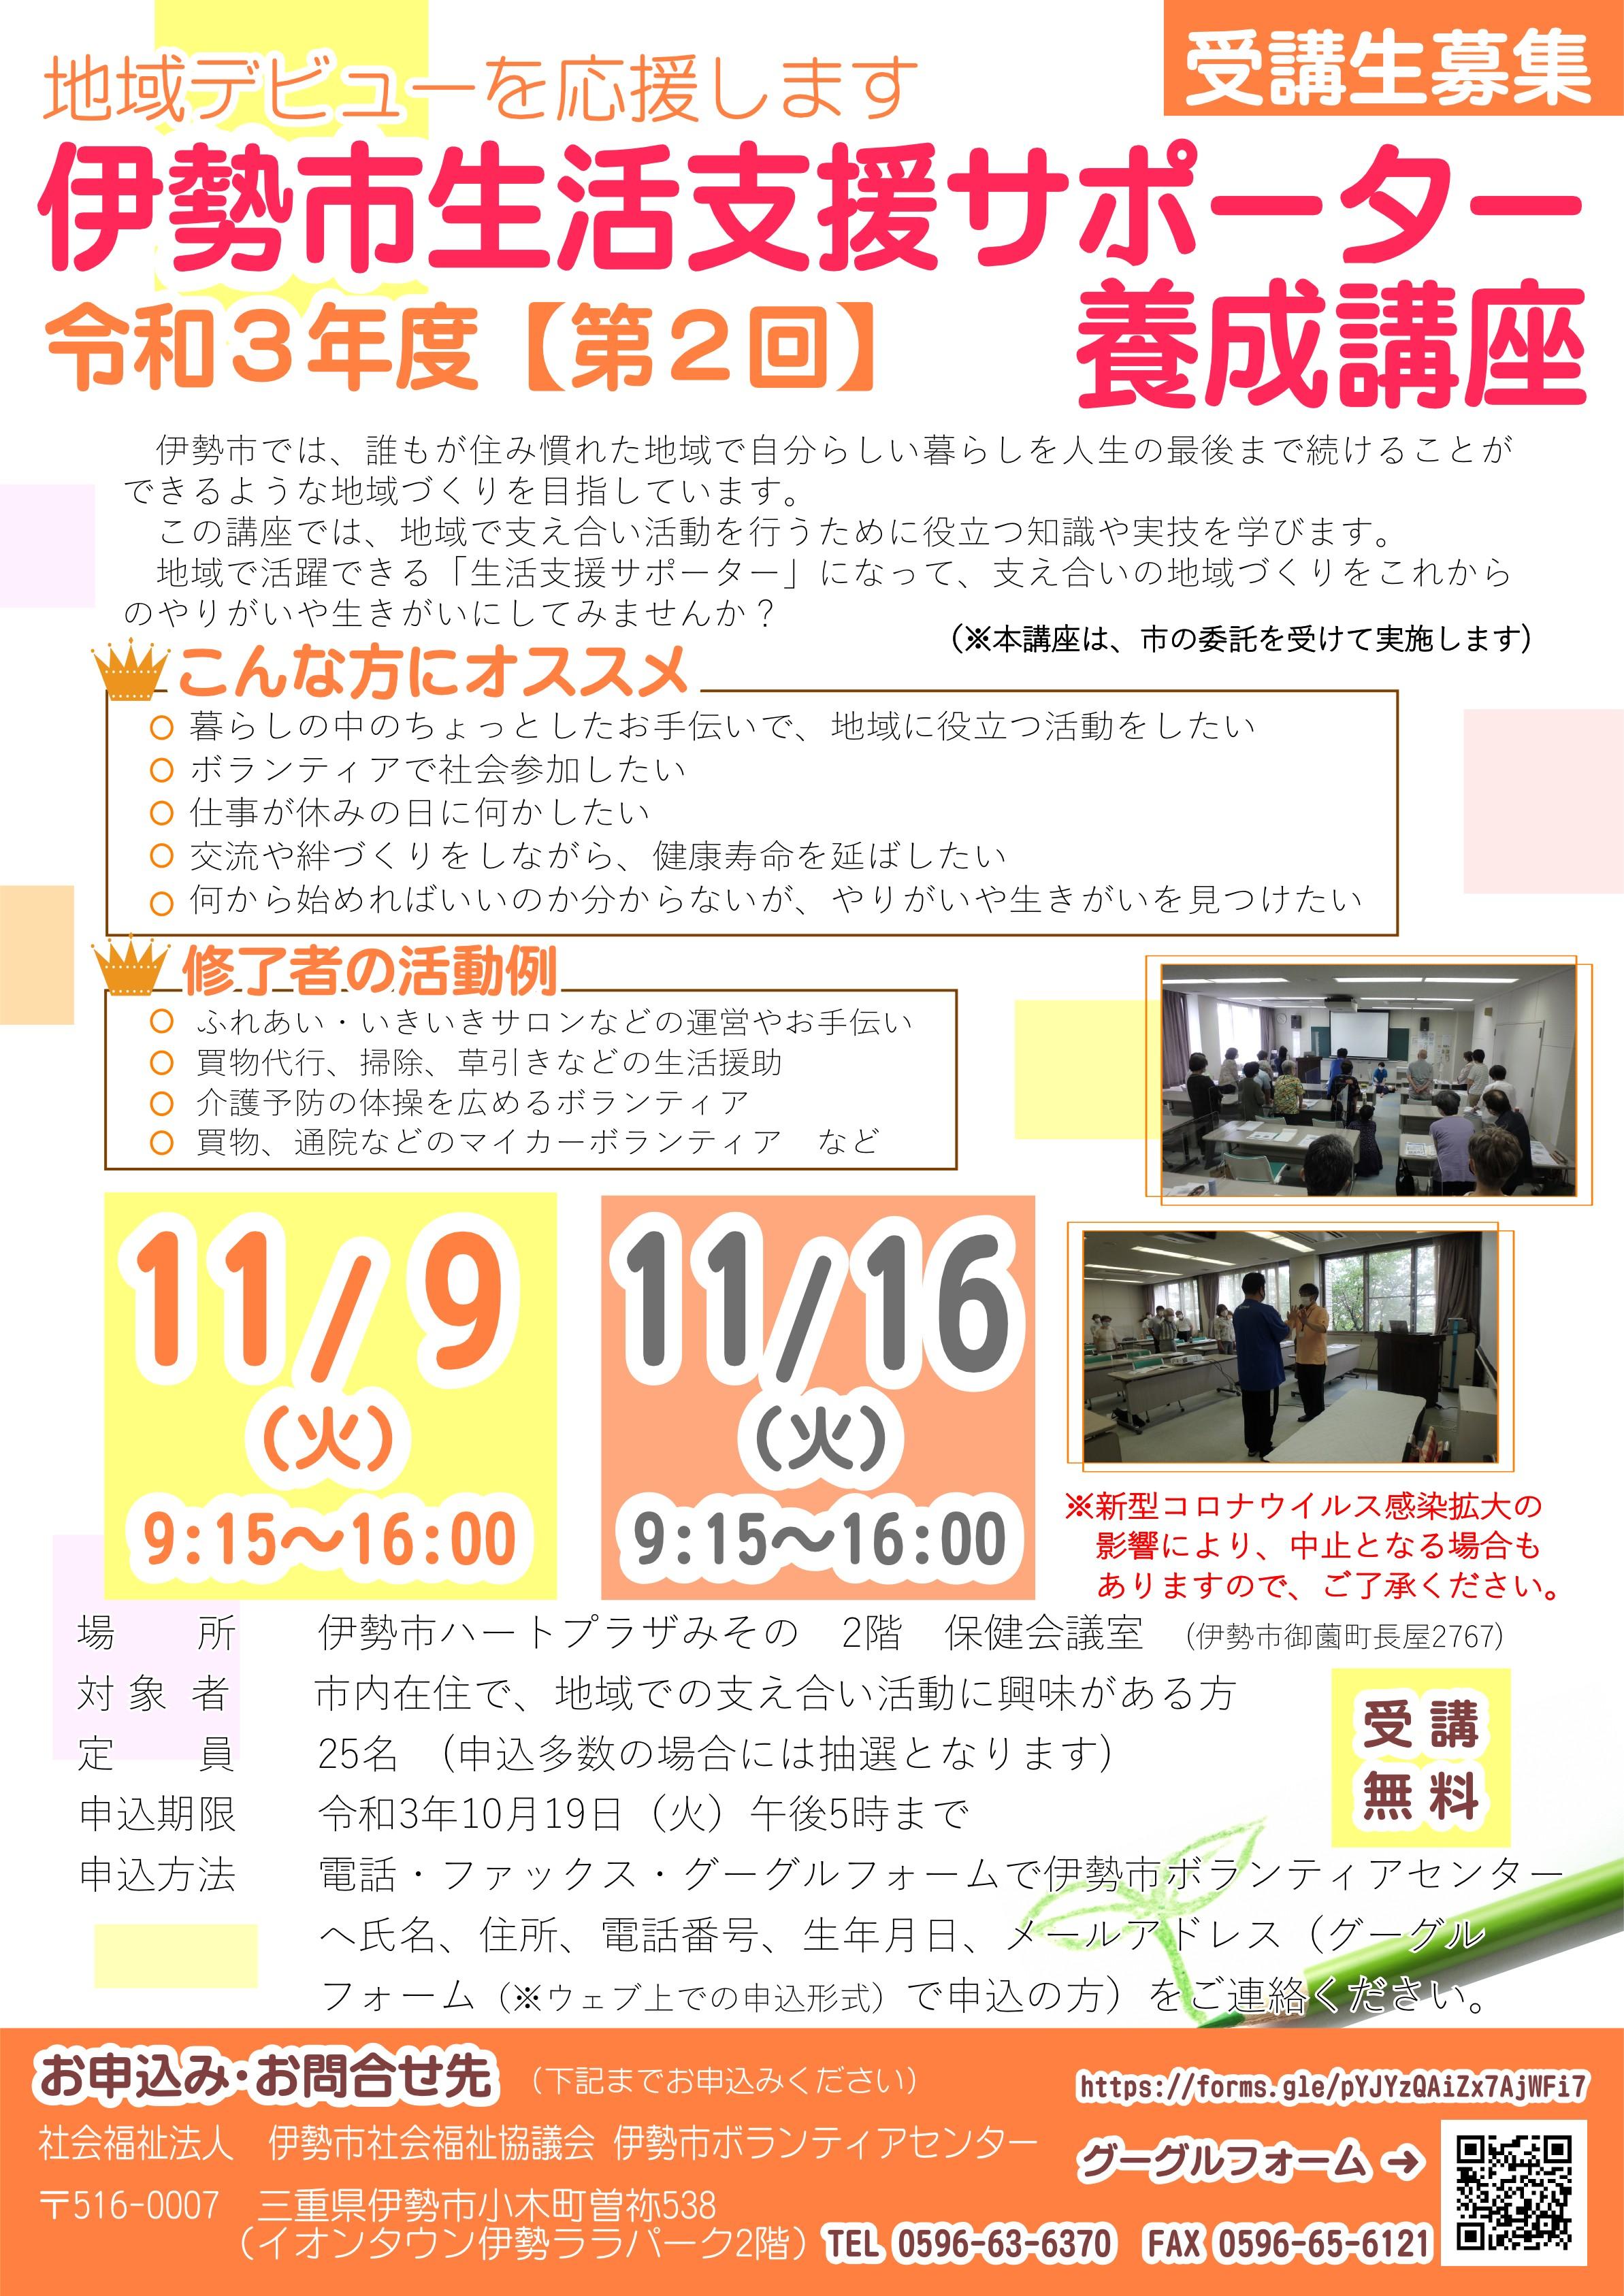 【チラシ】R3(第2回)生活支援サポ講座